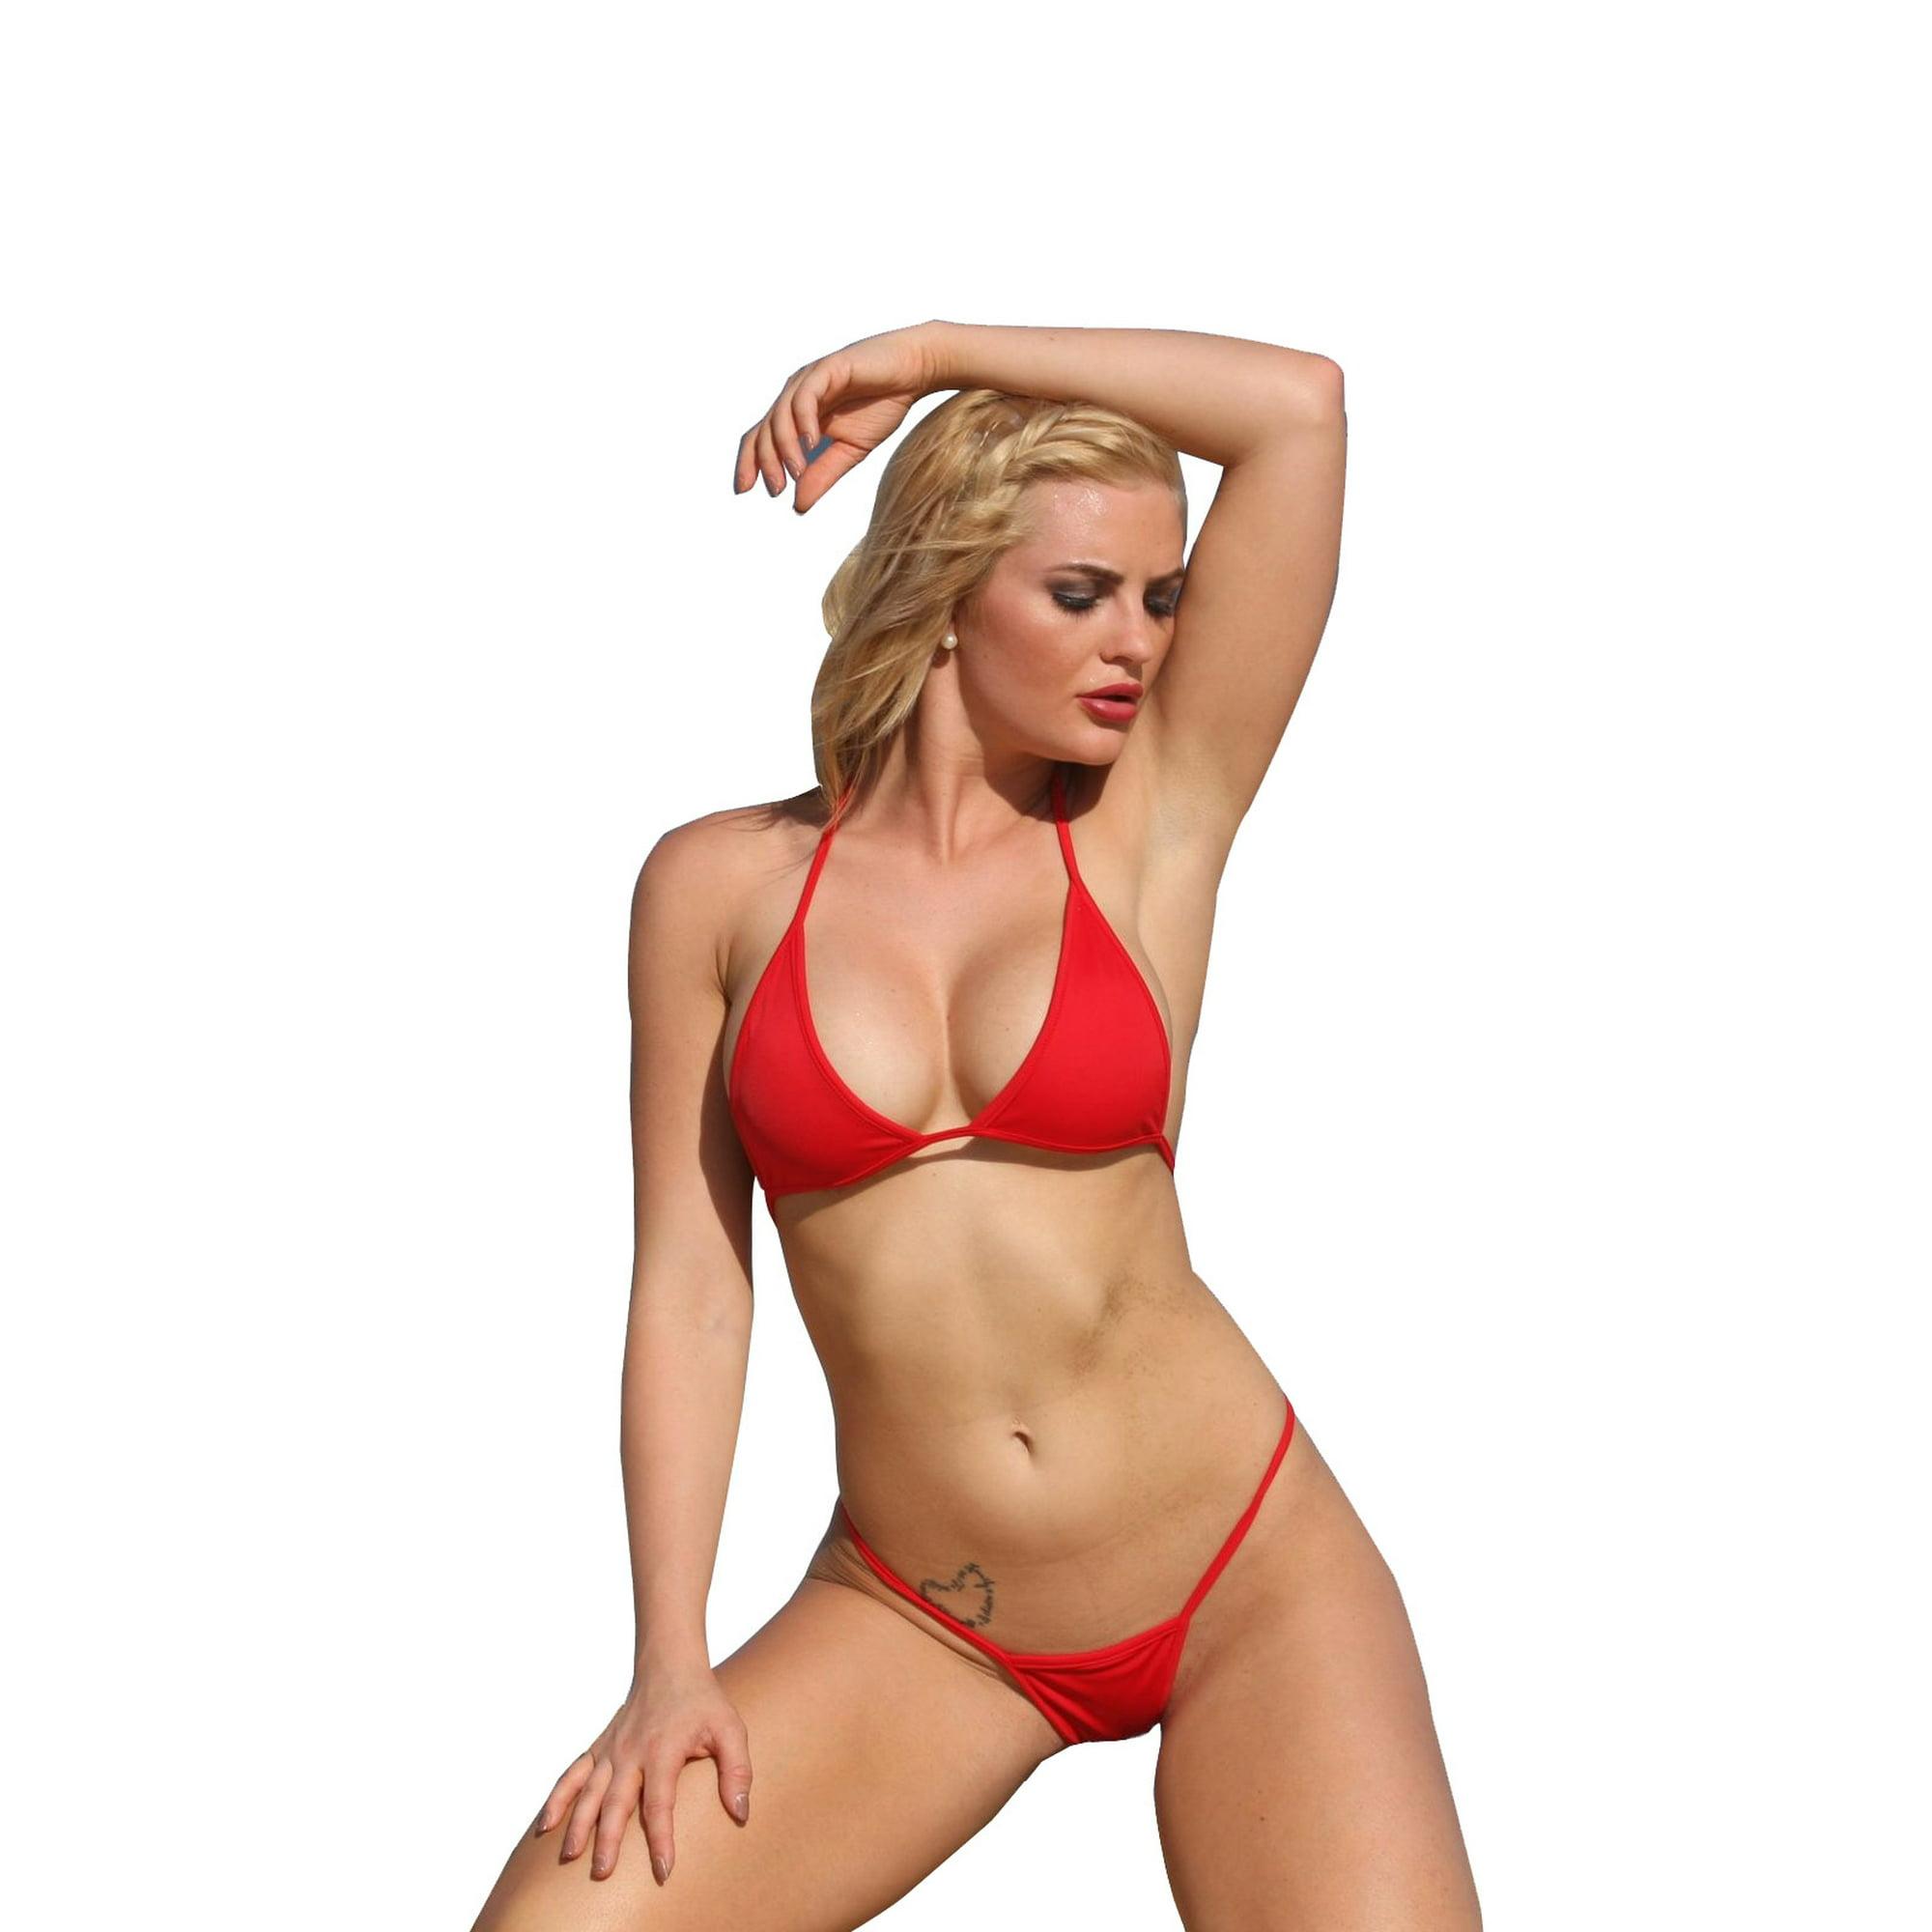 7599e869653 UjENA Teeny G String Bikini - Mix and Match Sizes | Walmart Canada